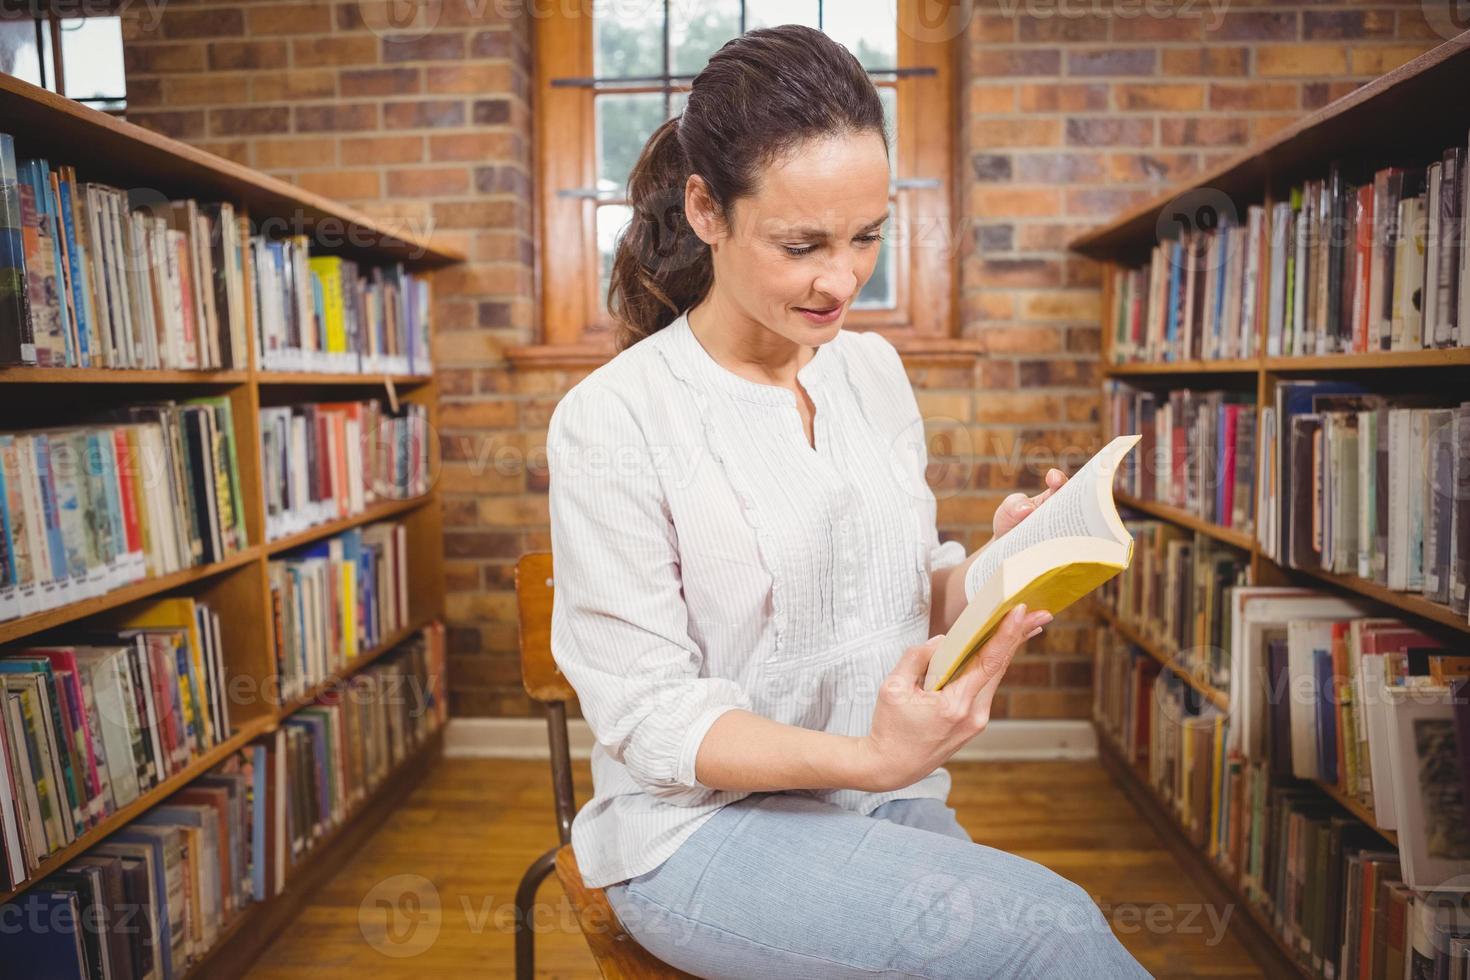 profesor sonriente leyendo un libro foto